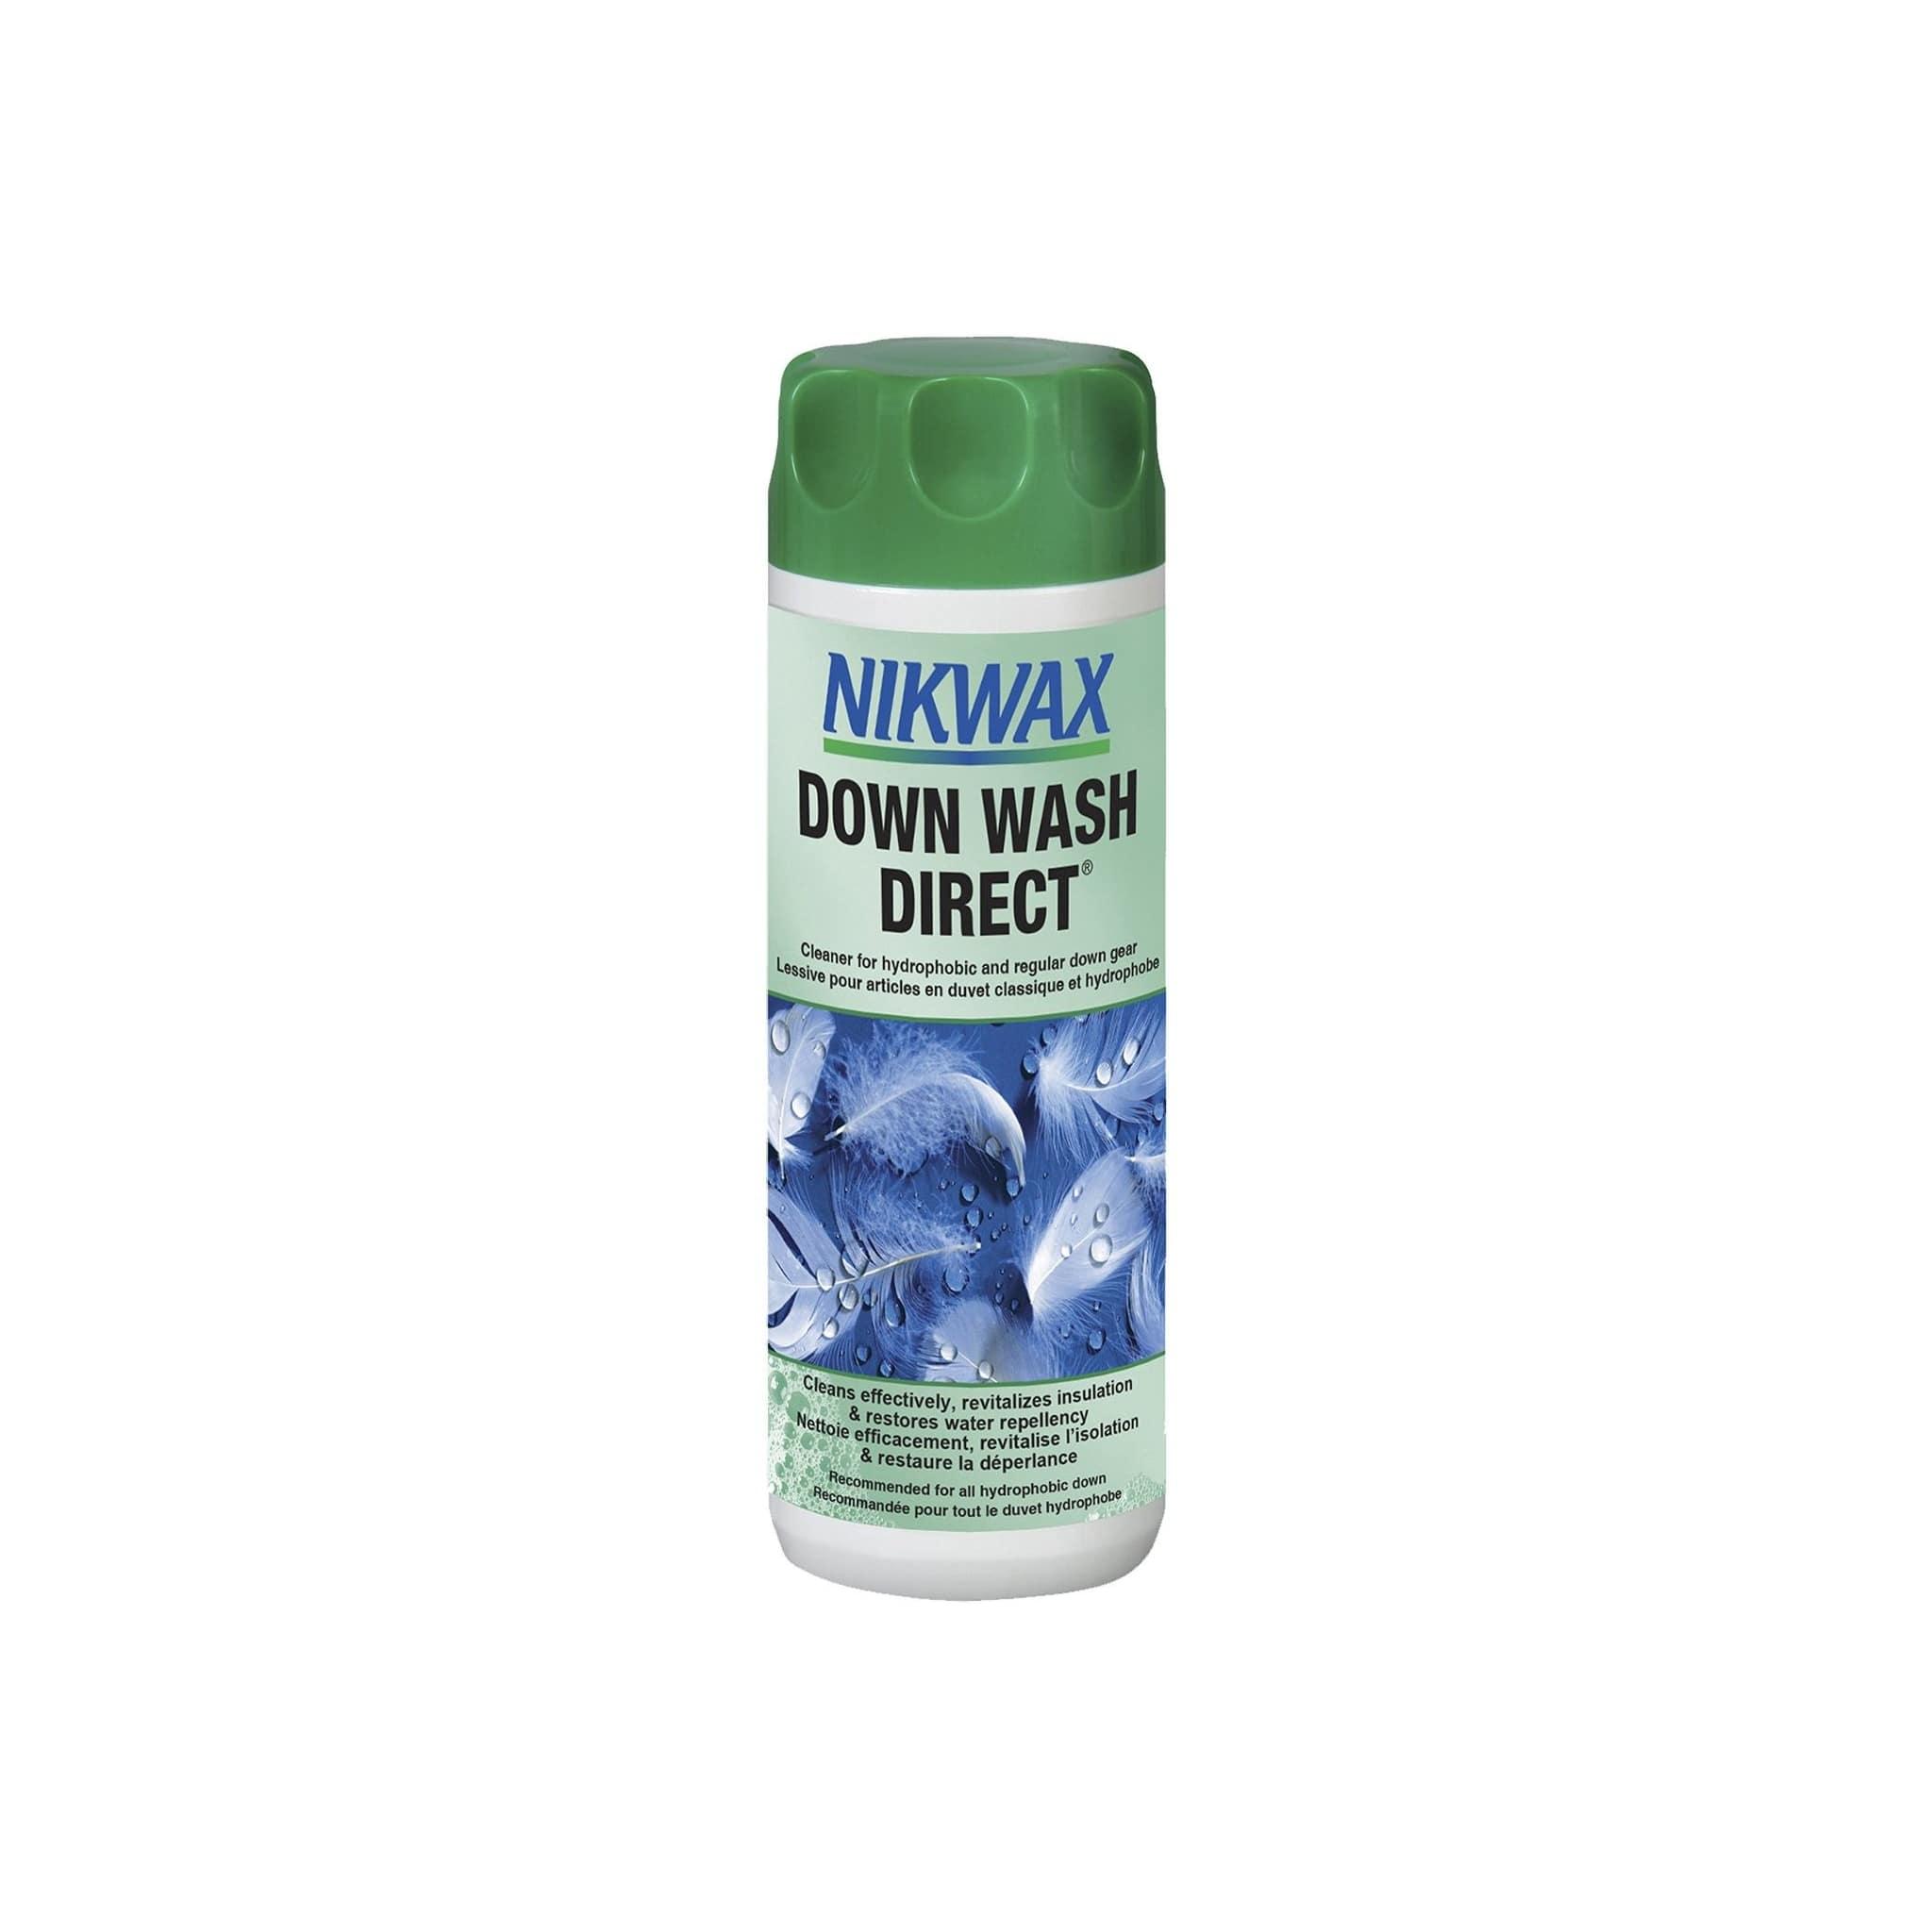 Vaskemiddel for dunklær og poser - spesiallaget for hydrofobisk dun